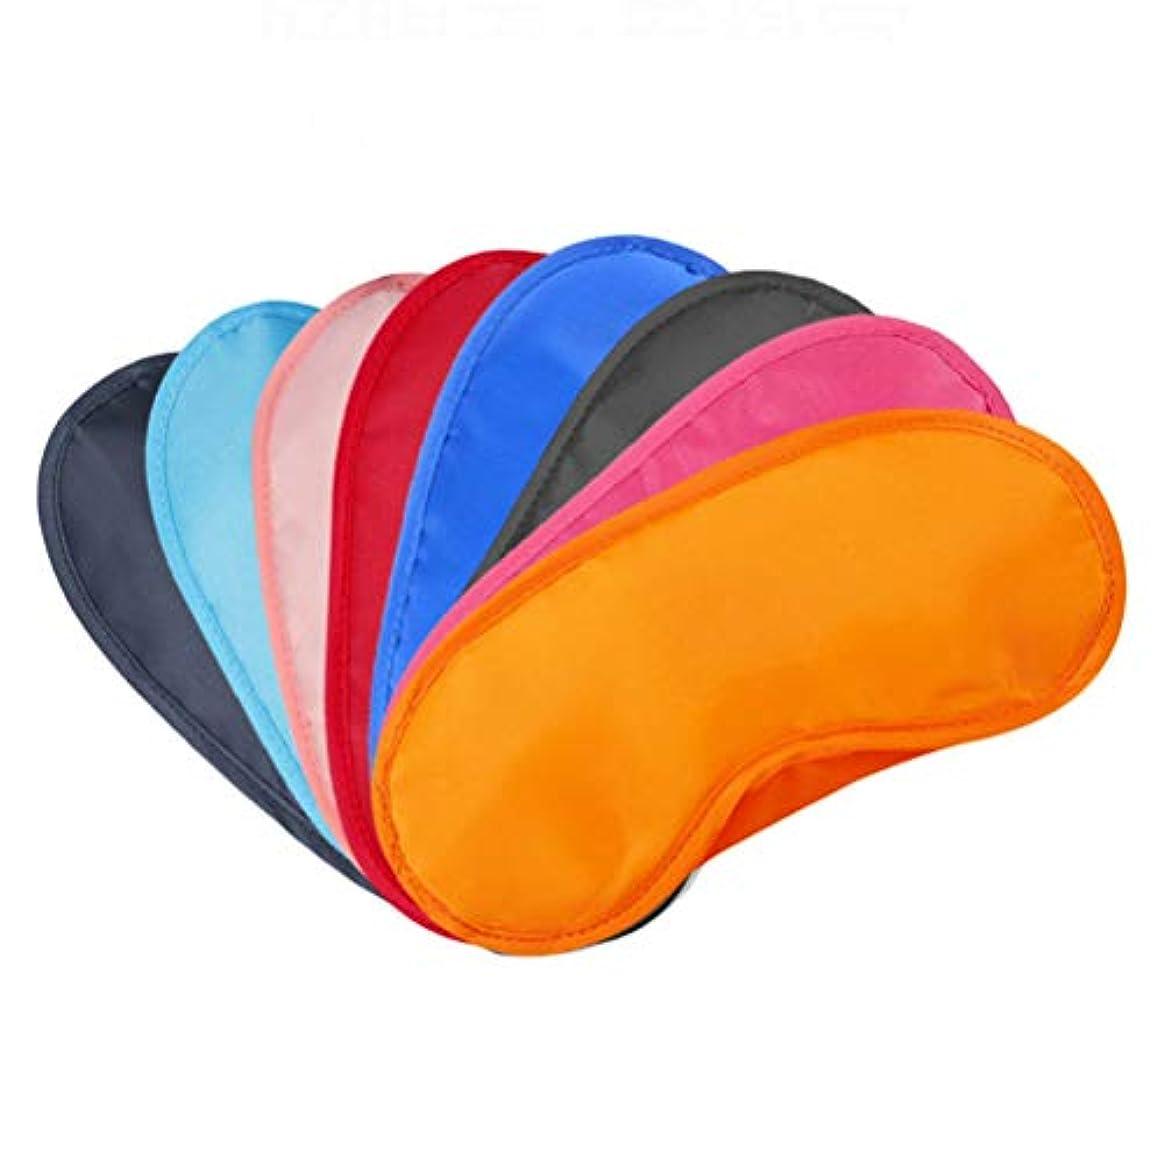 適性肺角度Lurrose 30ピースコットンアイスリーピングマスクレストアイマスク目隠し旅行用睡眠補助剤(混色)